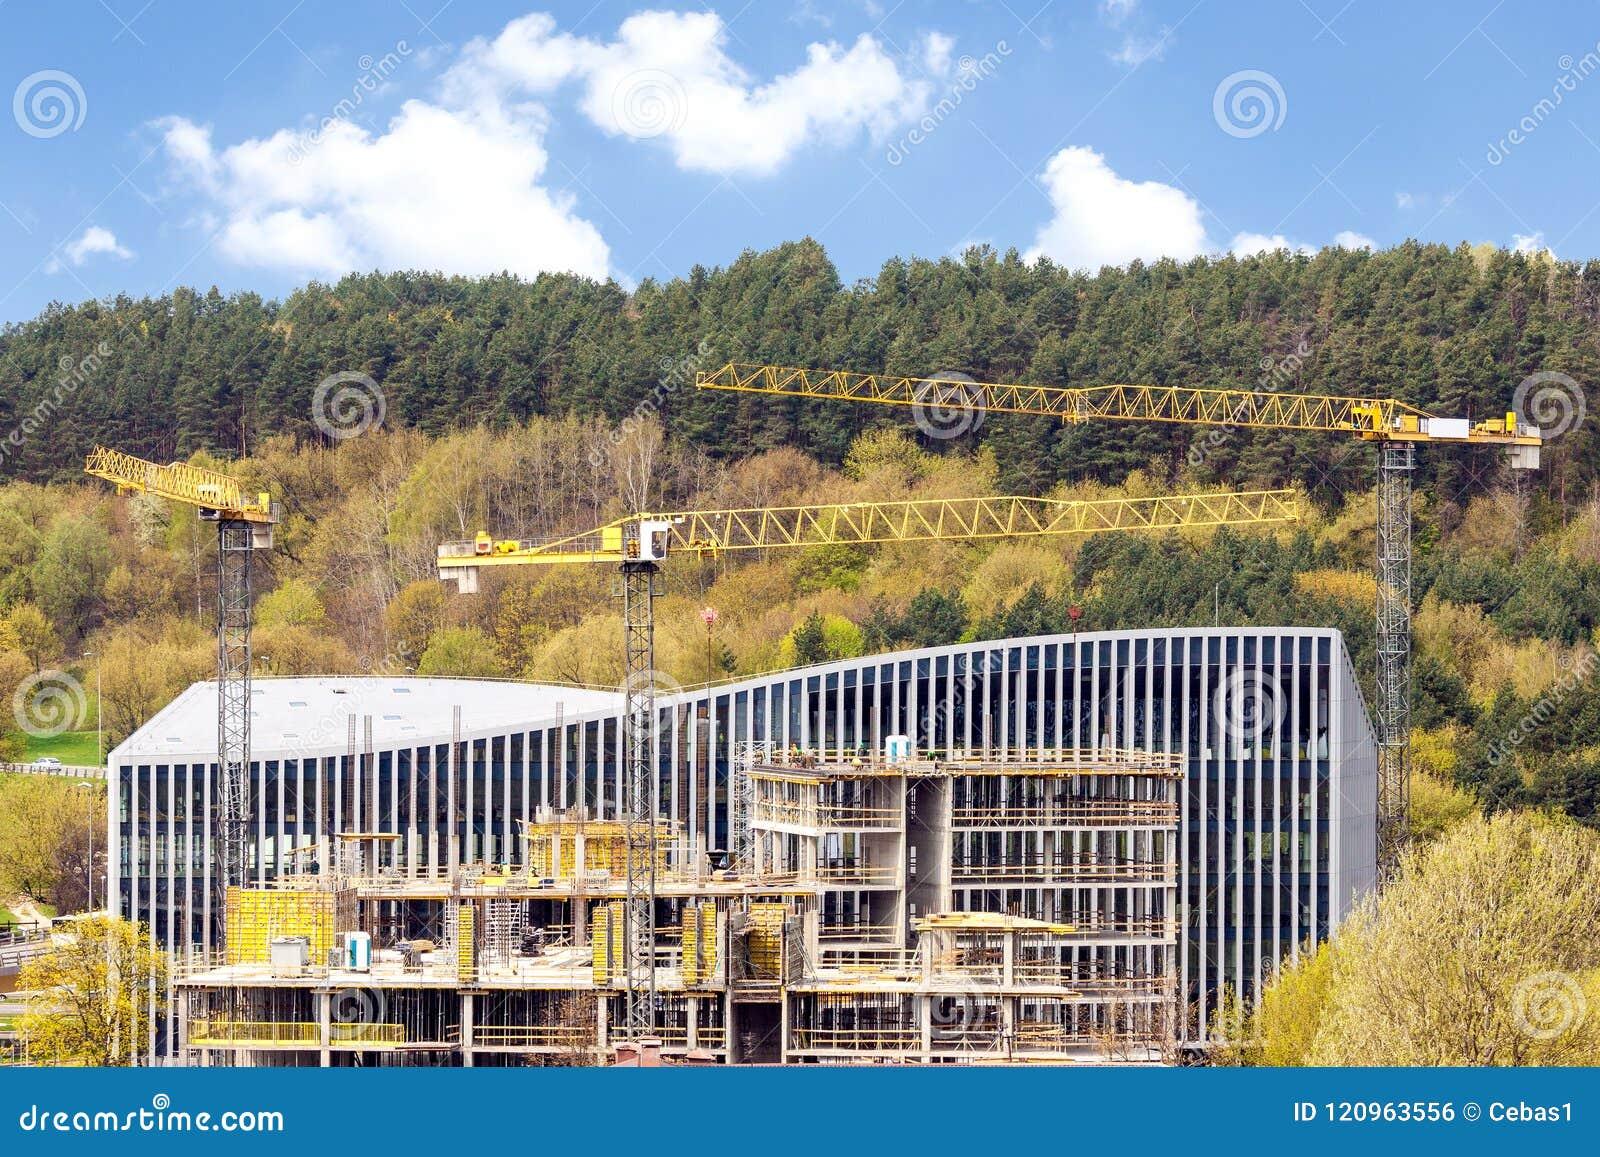 Panorama van industriële bouwwerf met kranen